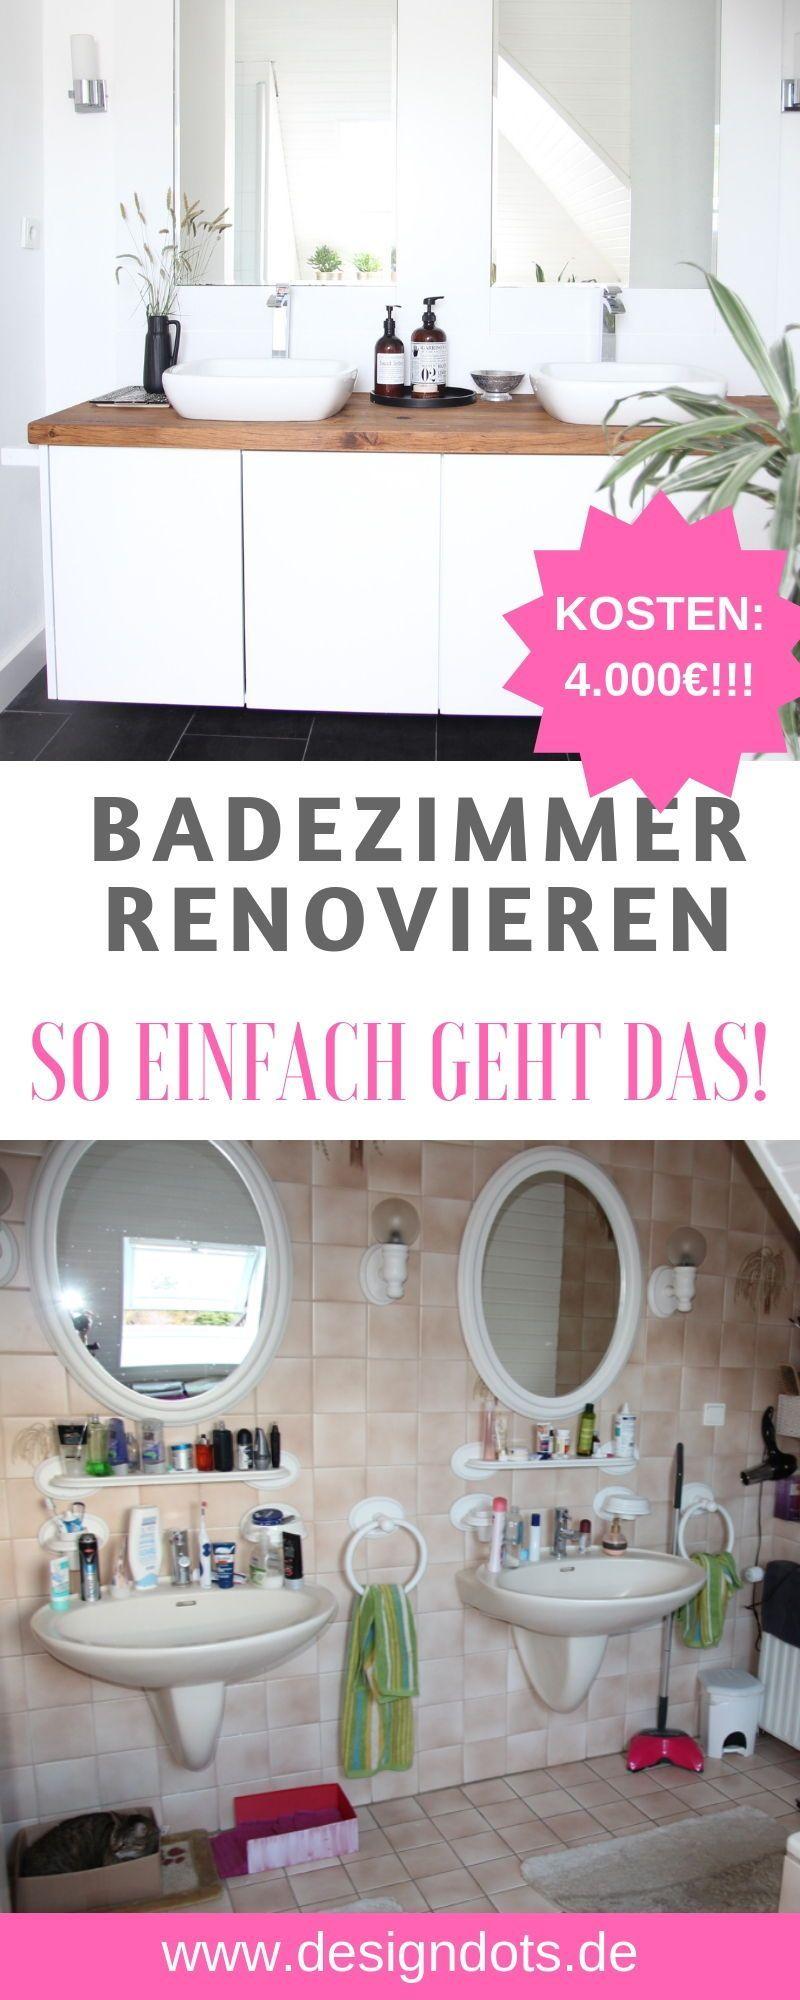 Badezimmer Selbst Renovieren In 2020 Badezimmer Renovieren Bad Renovieren Kosten Renovieren